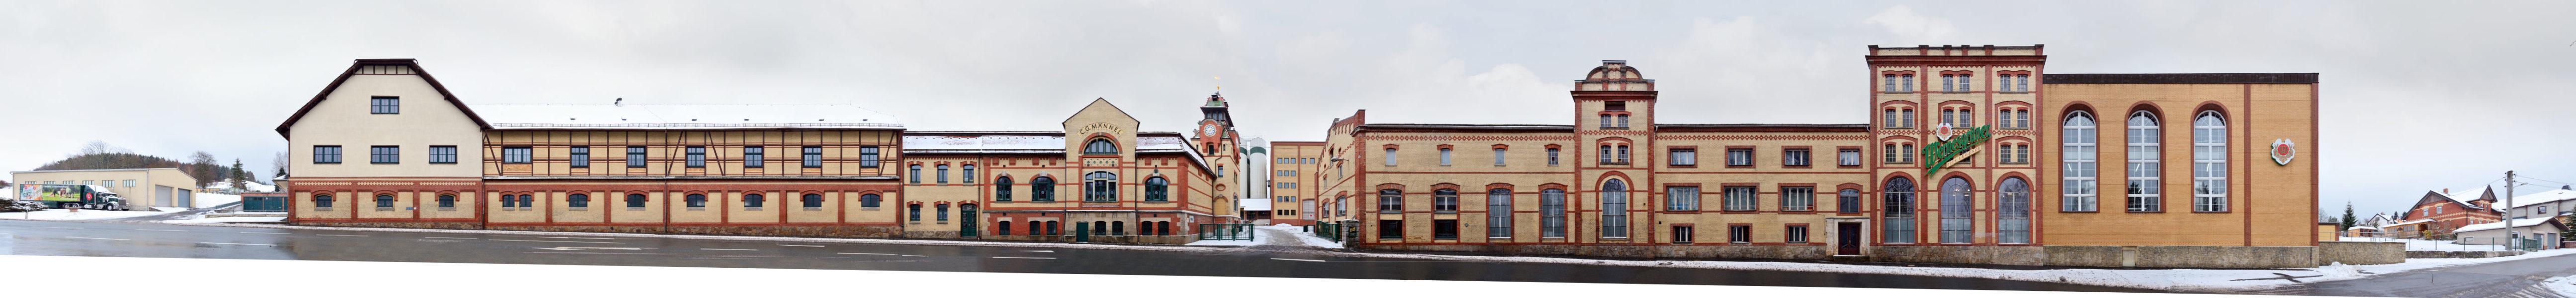 Wernesgrüner Brauerei Gebäude